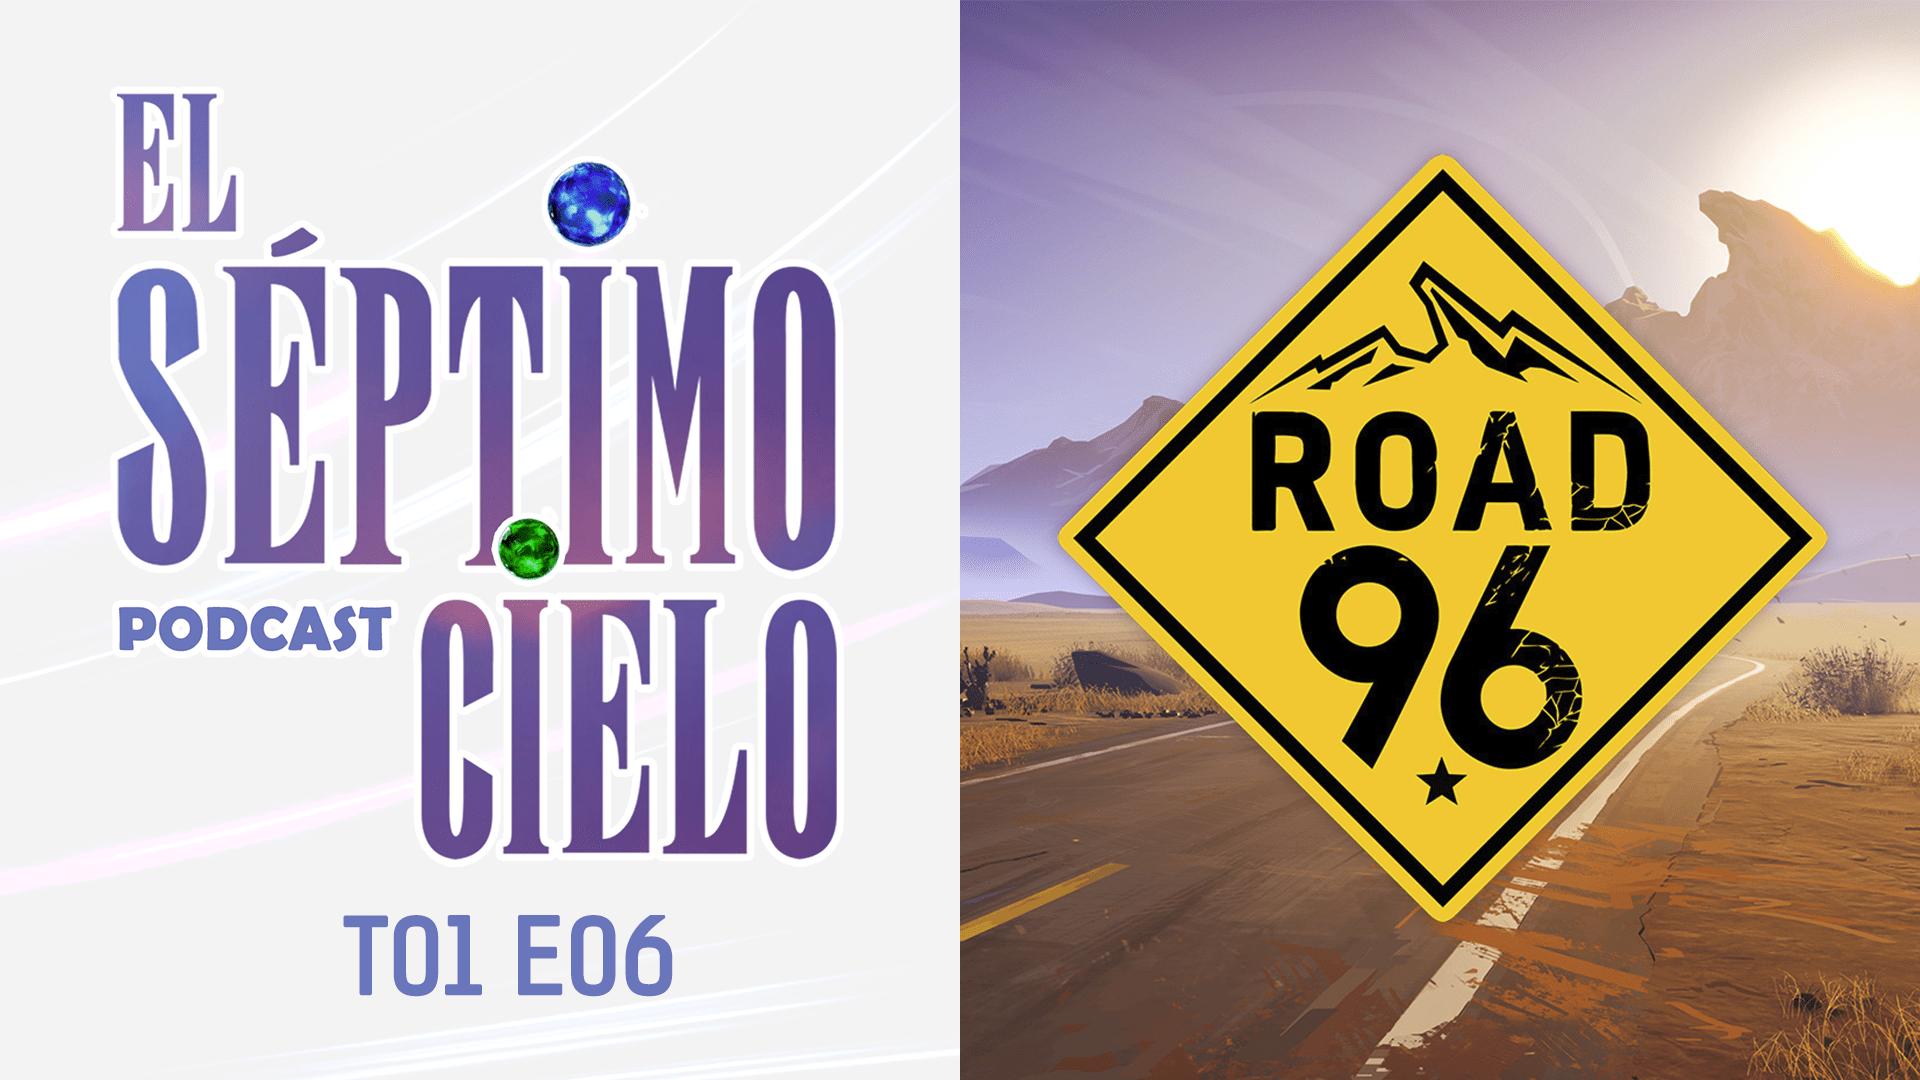 el septimo cielo road 96